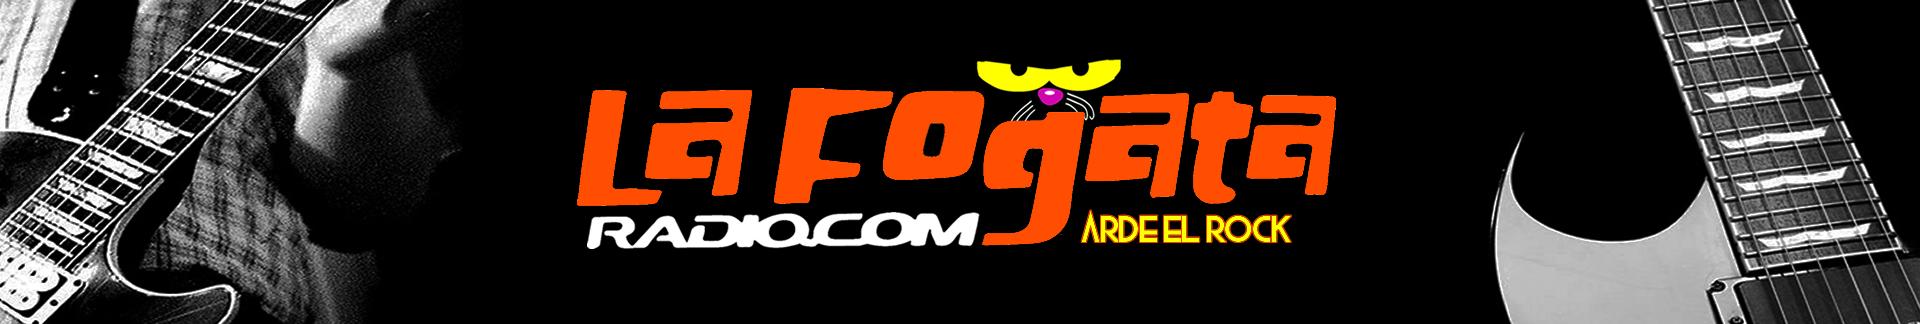 La Fogata Radio